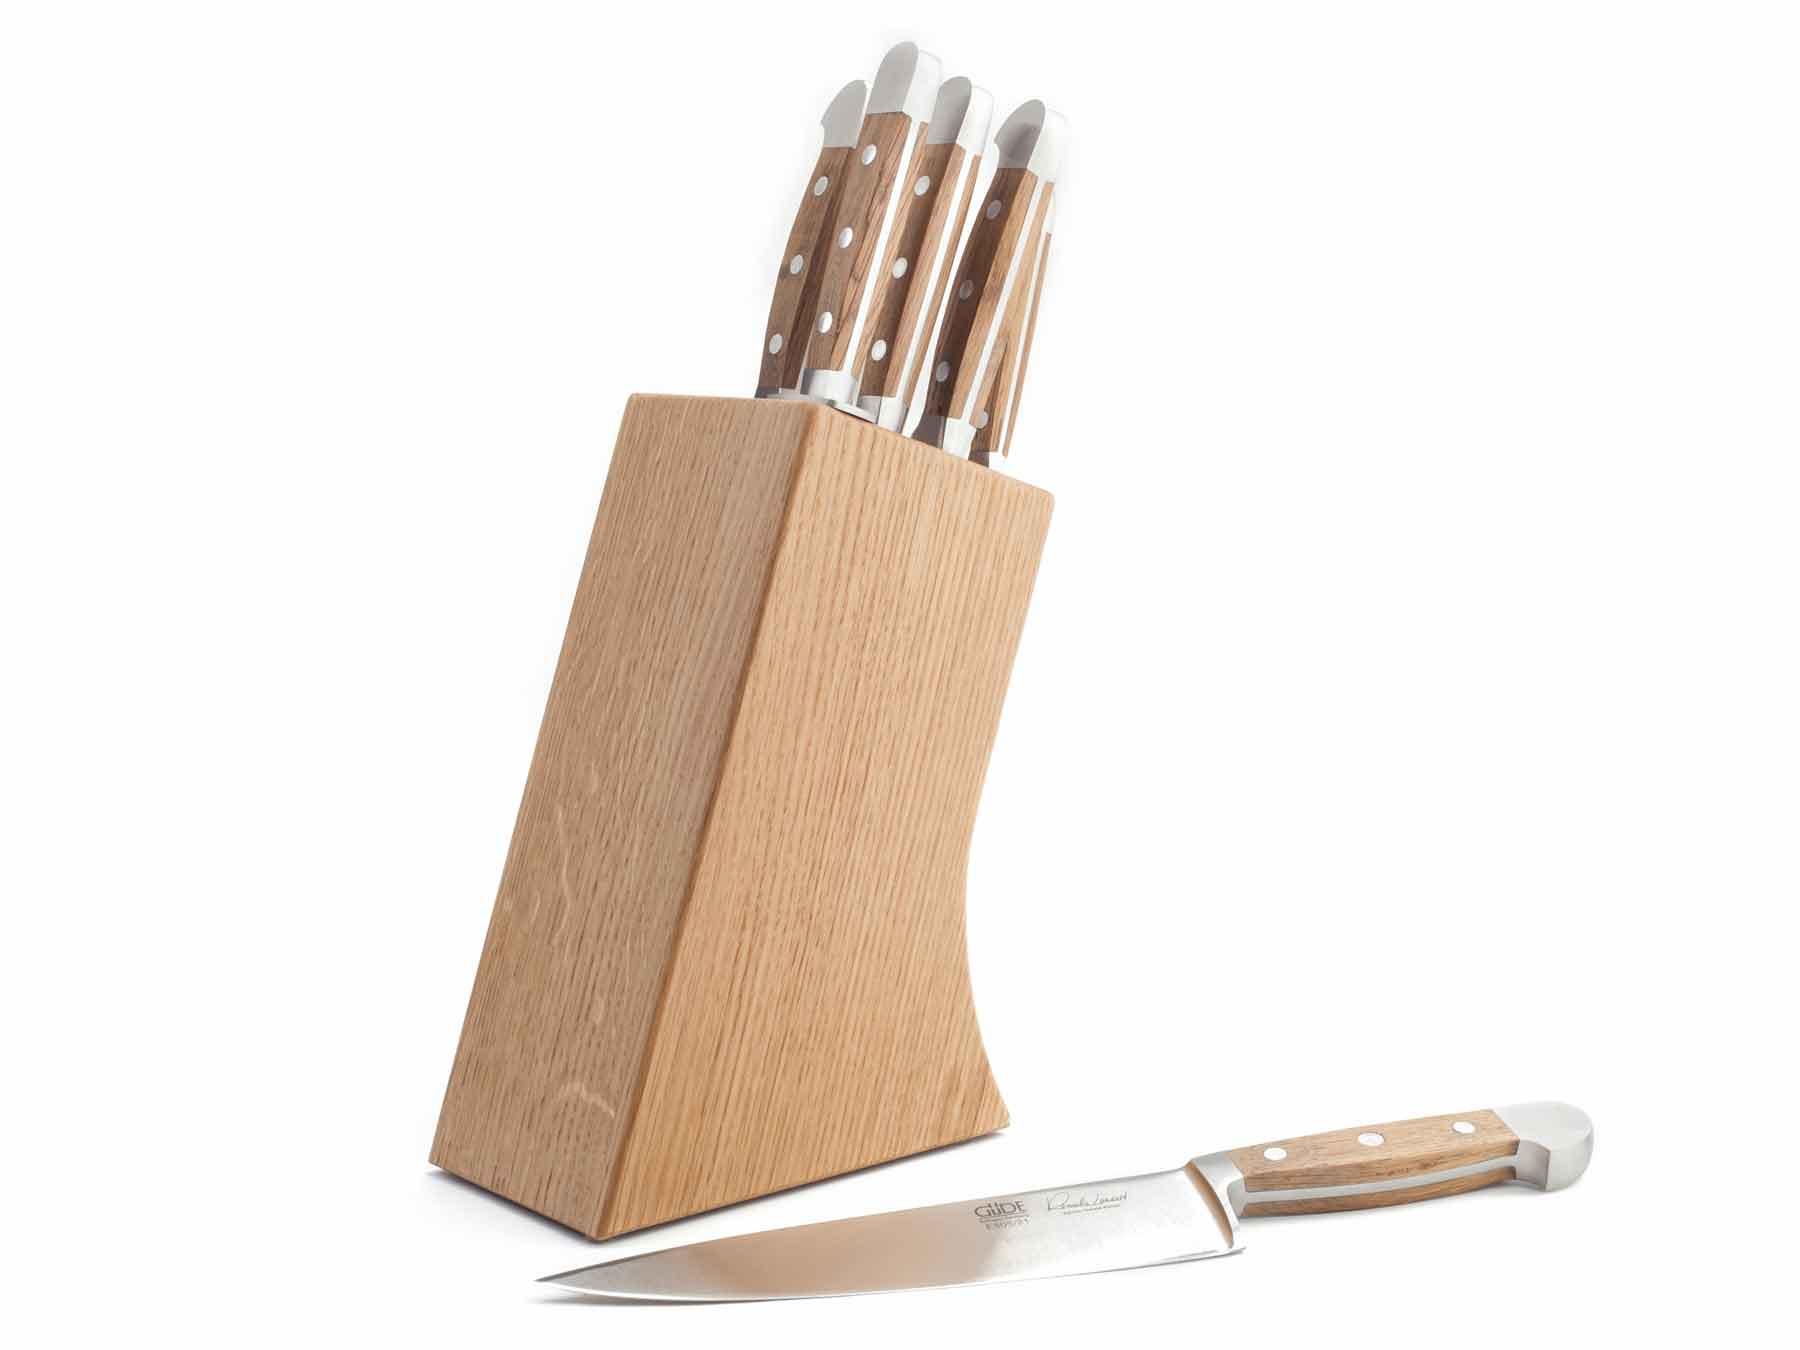 Güde Messerblock Eiche für 8 Messer - LEER